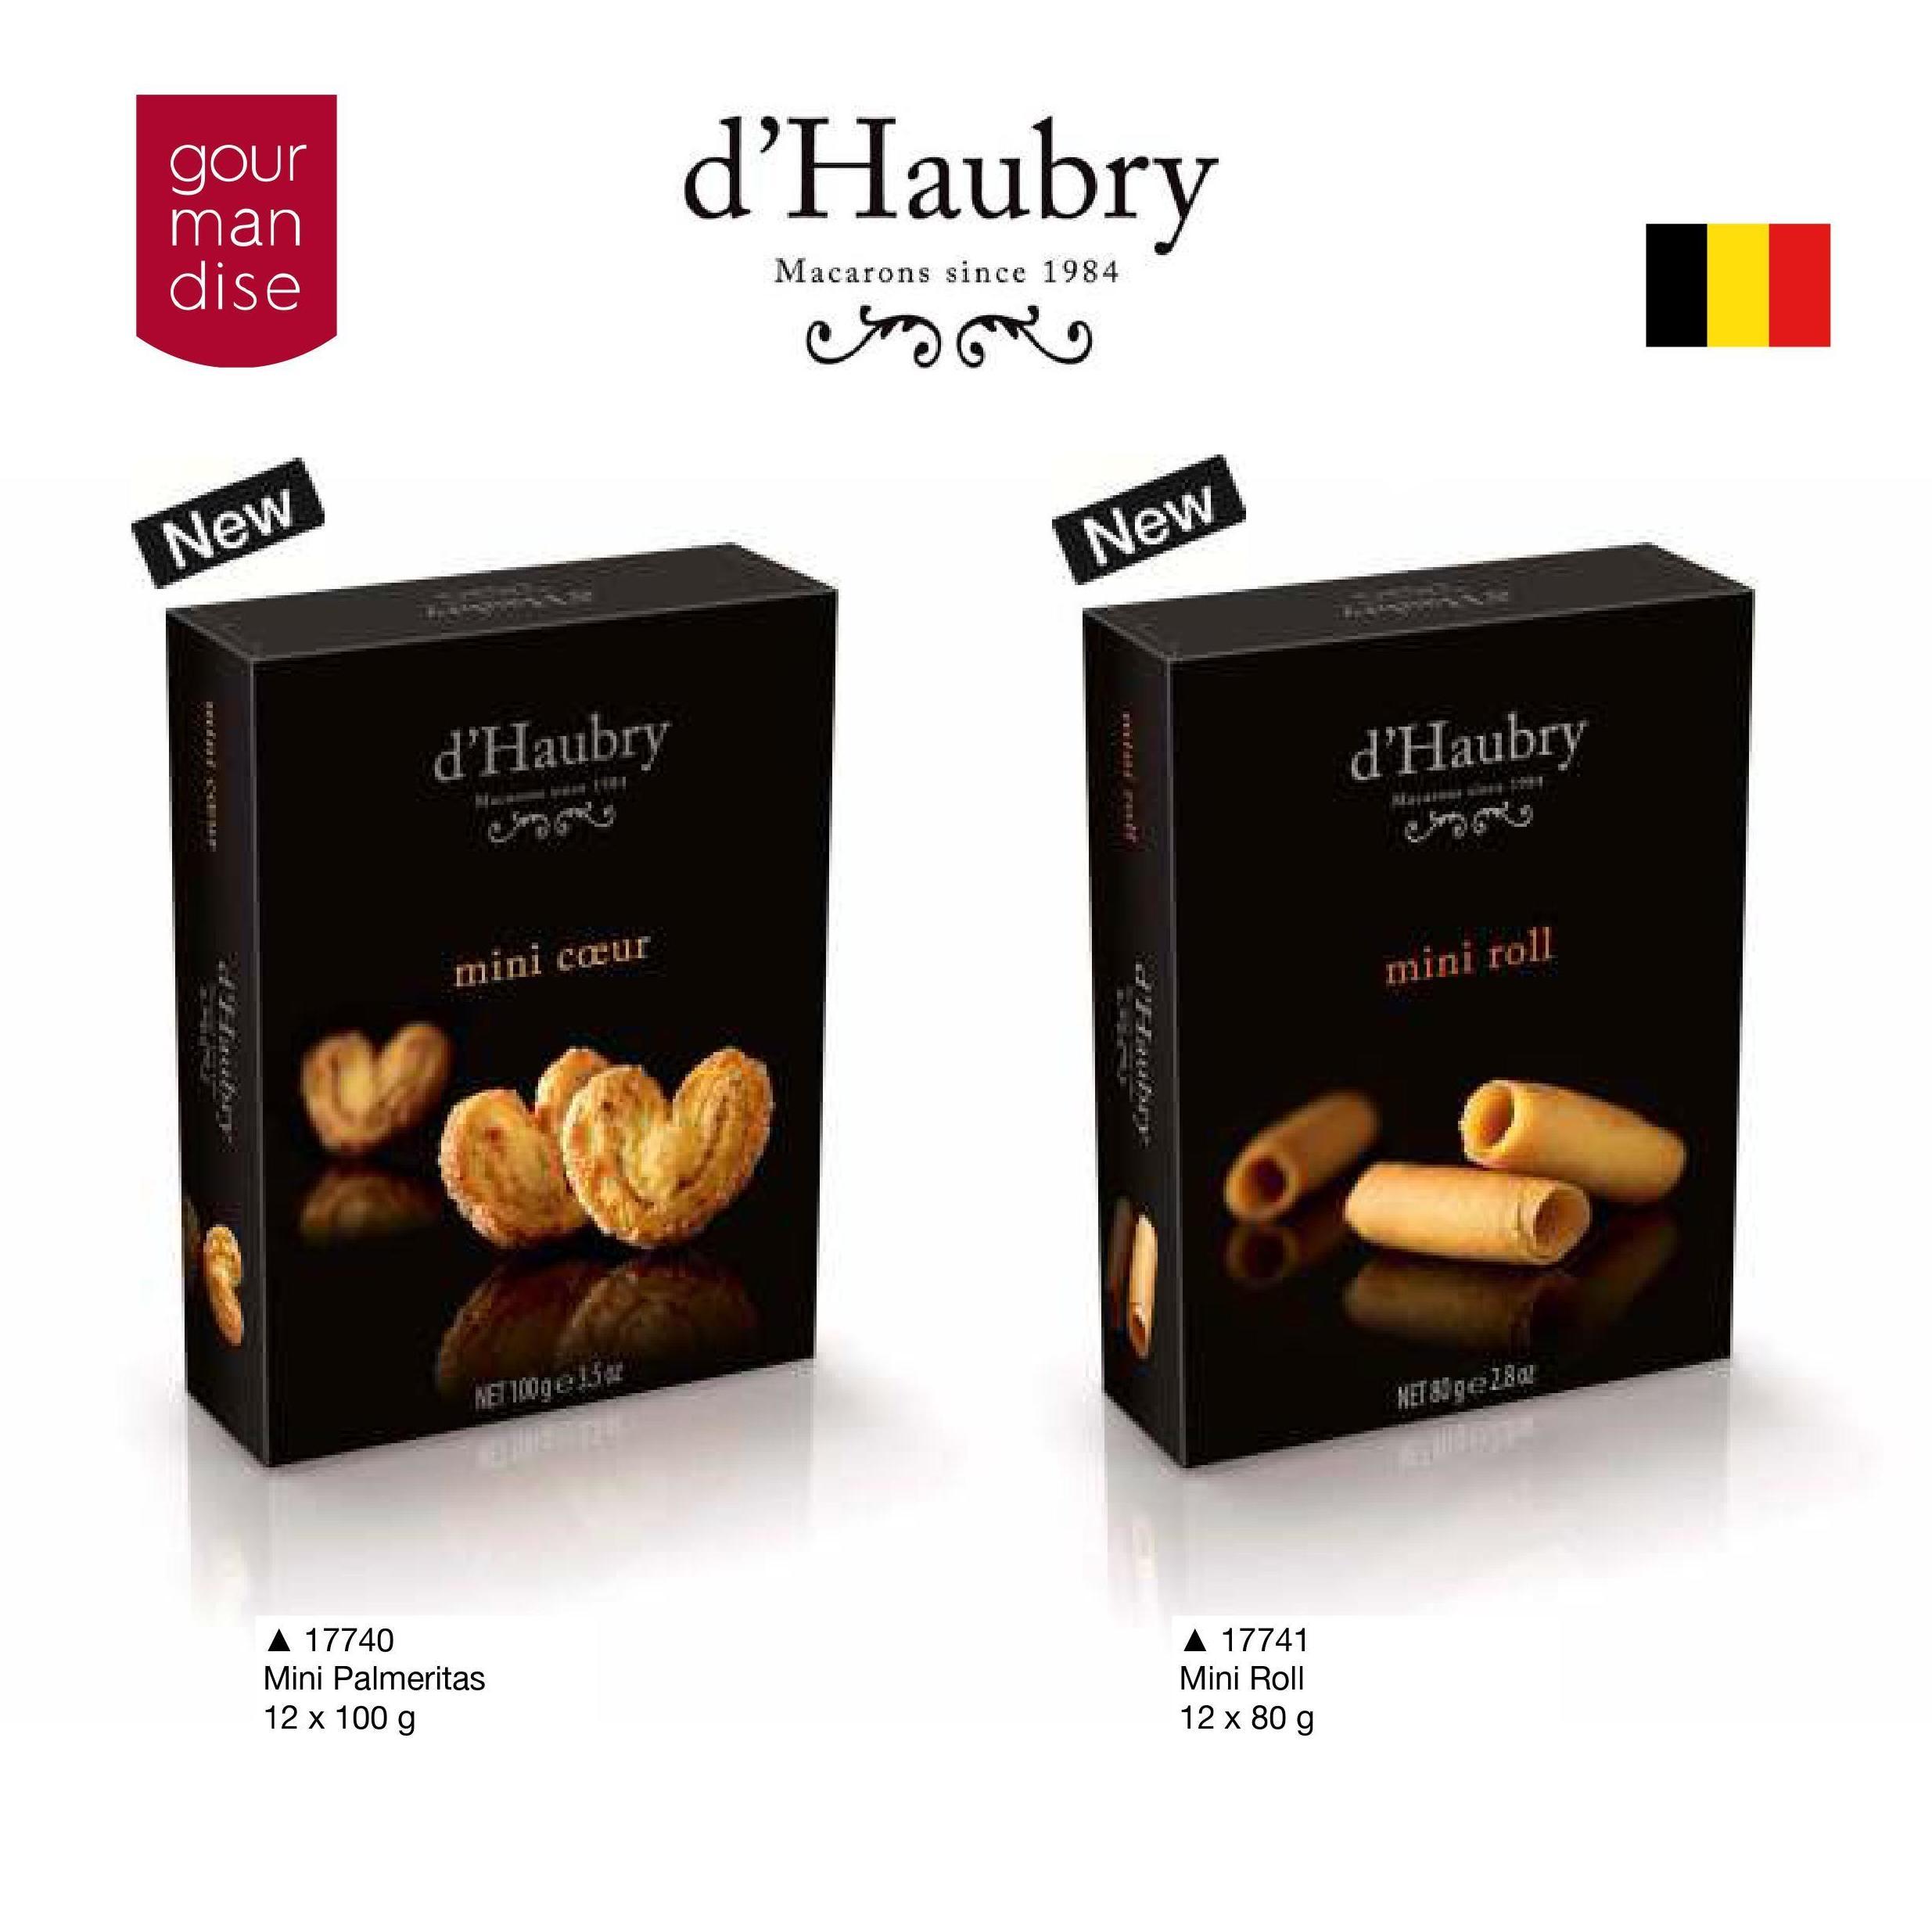 D'Haubry: Productos de Casa Bastida